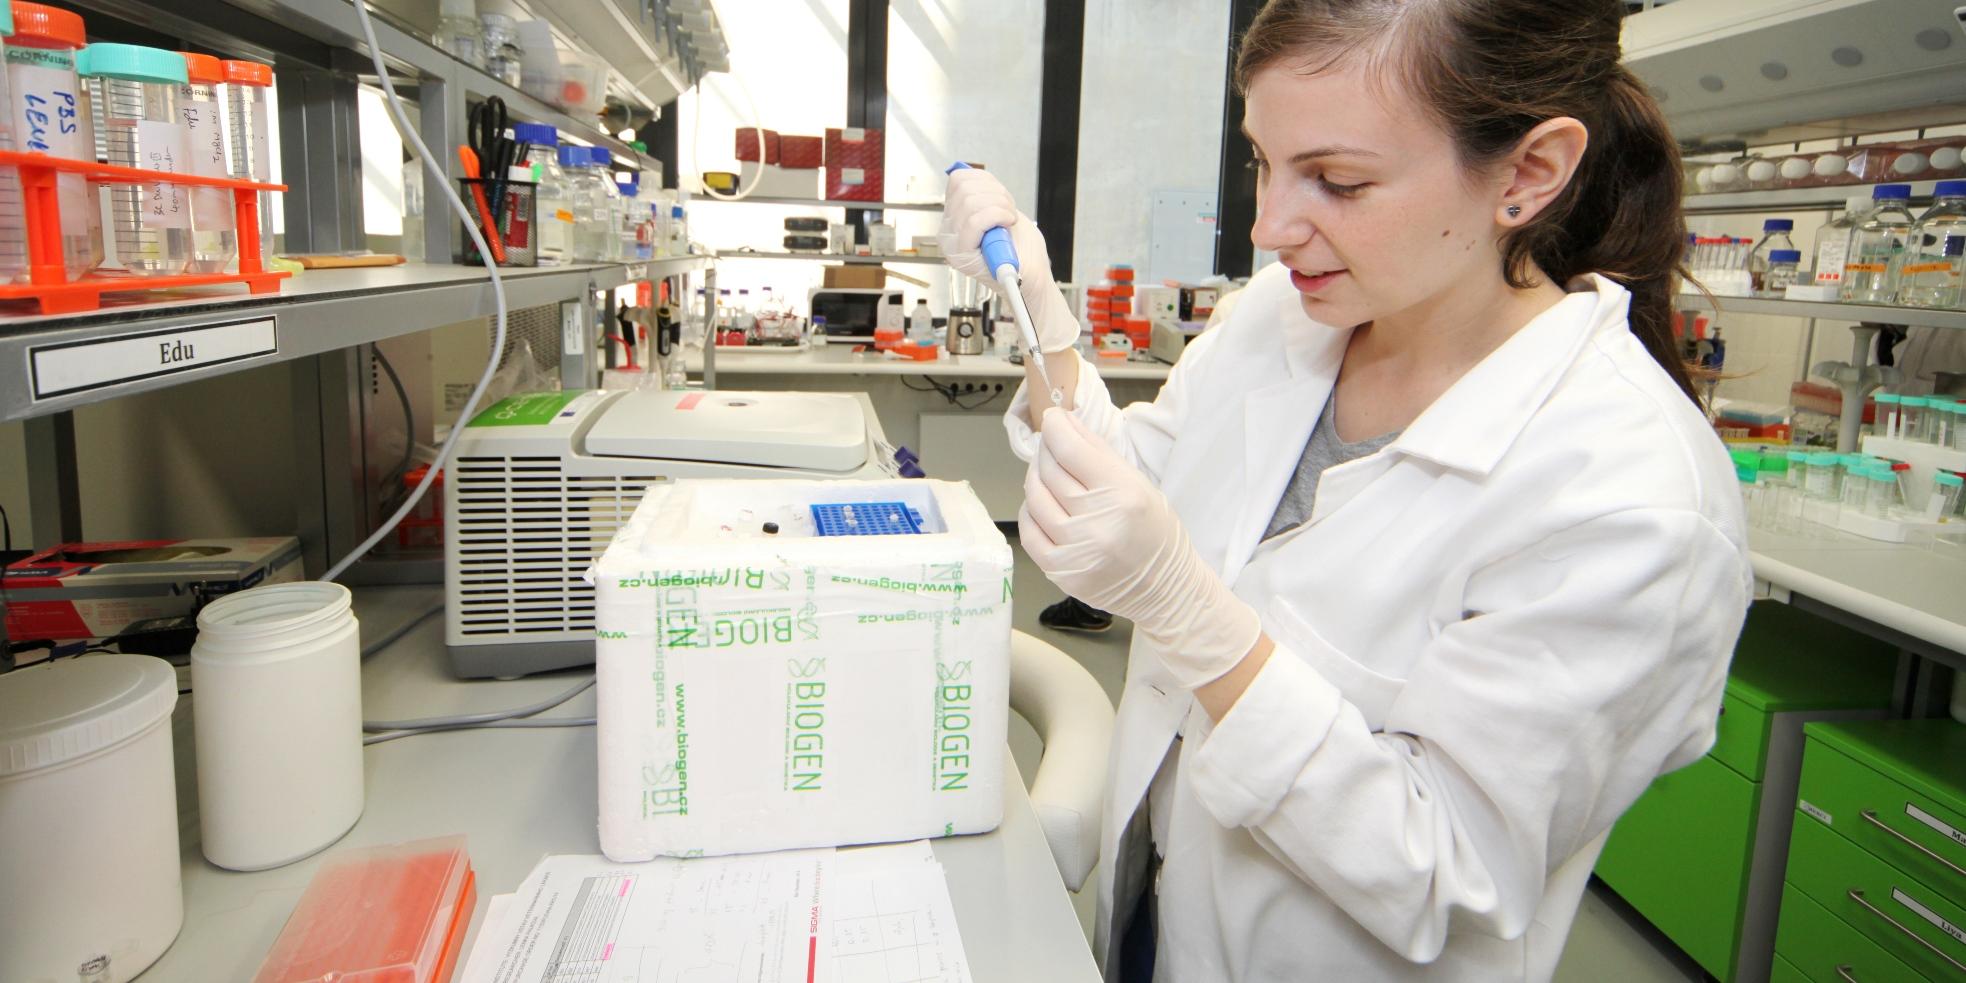 Od spojování proteinů po česko-ruské vztahy. Grantová agentura MUNI už 7 let podporuje výzkum